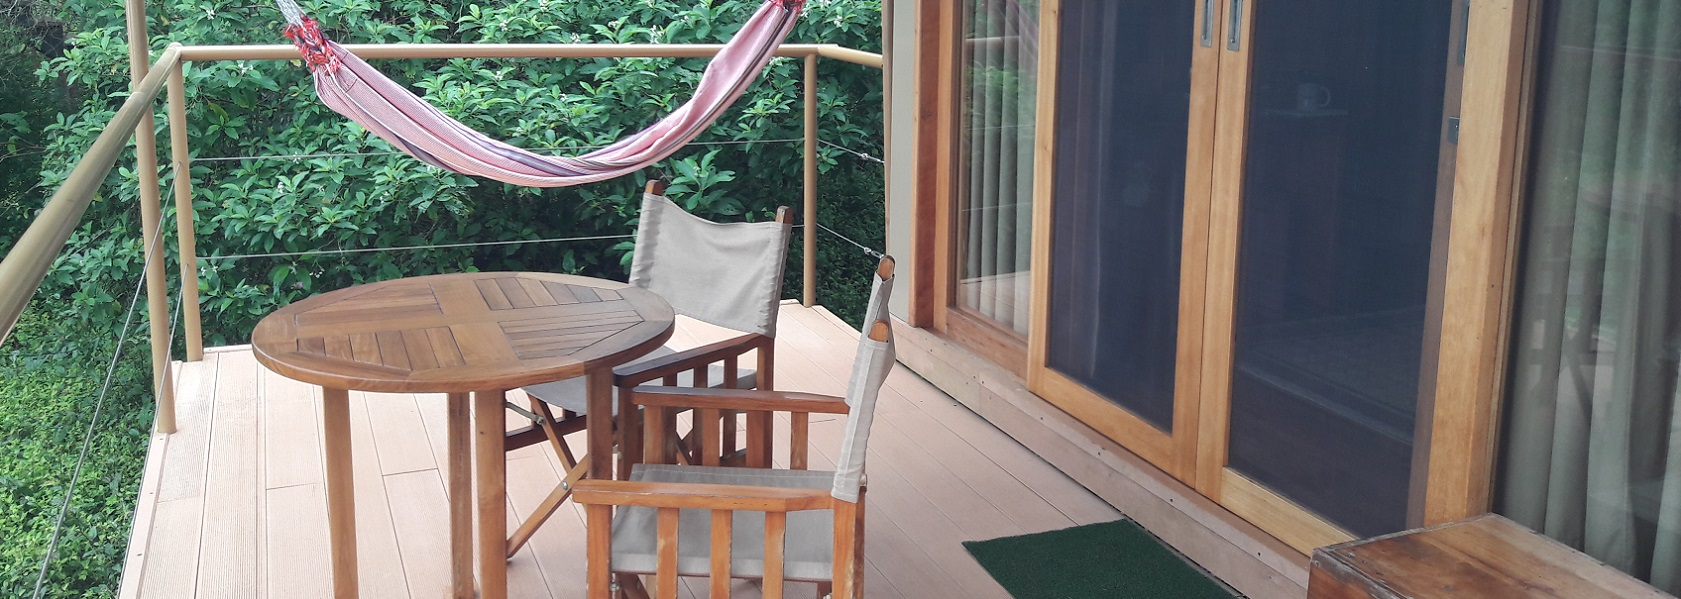 Safari Camp Galapagos Pure! Ecuador